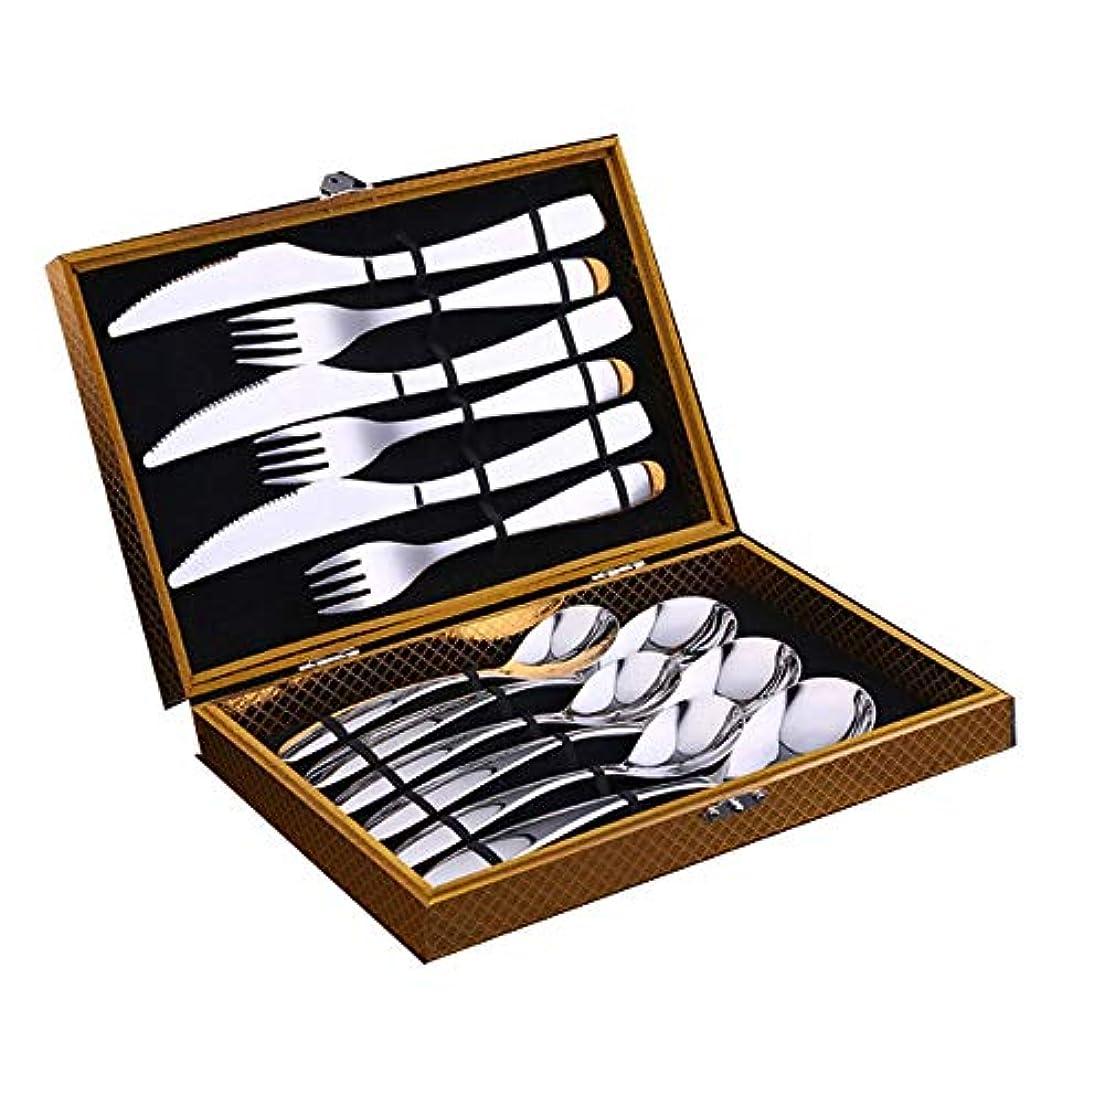 飼料交響曲フロー8HAOWENJU 304ステンレス鋼ステーキカトラリーセット、洋食のギフトボックス、ヨーロッパカトラリースプーン12/24セットギフト、高品質、最高の贈り物 高品質 - 最新スタイル (Color : B)